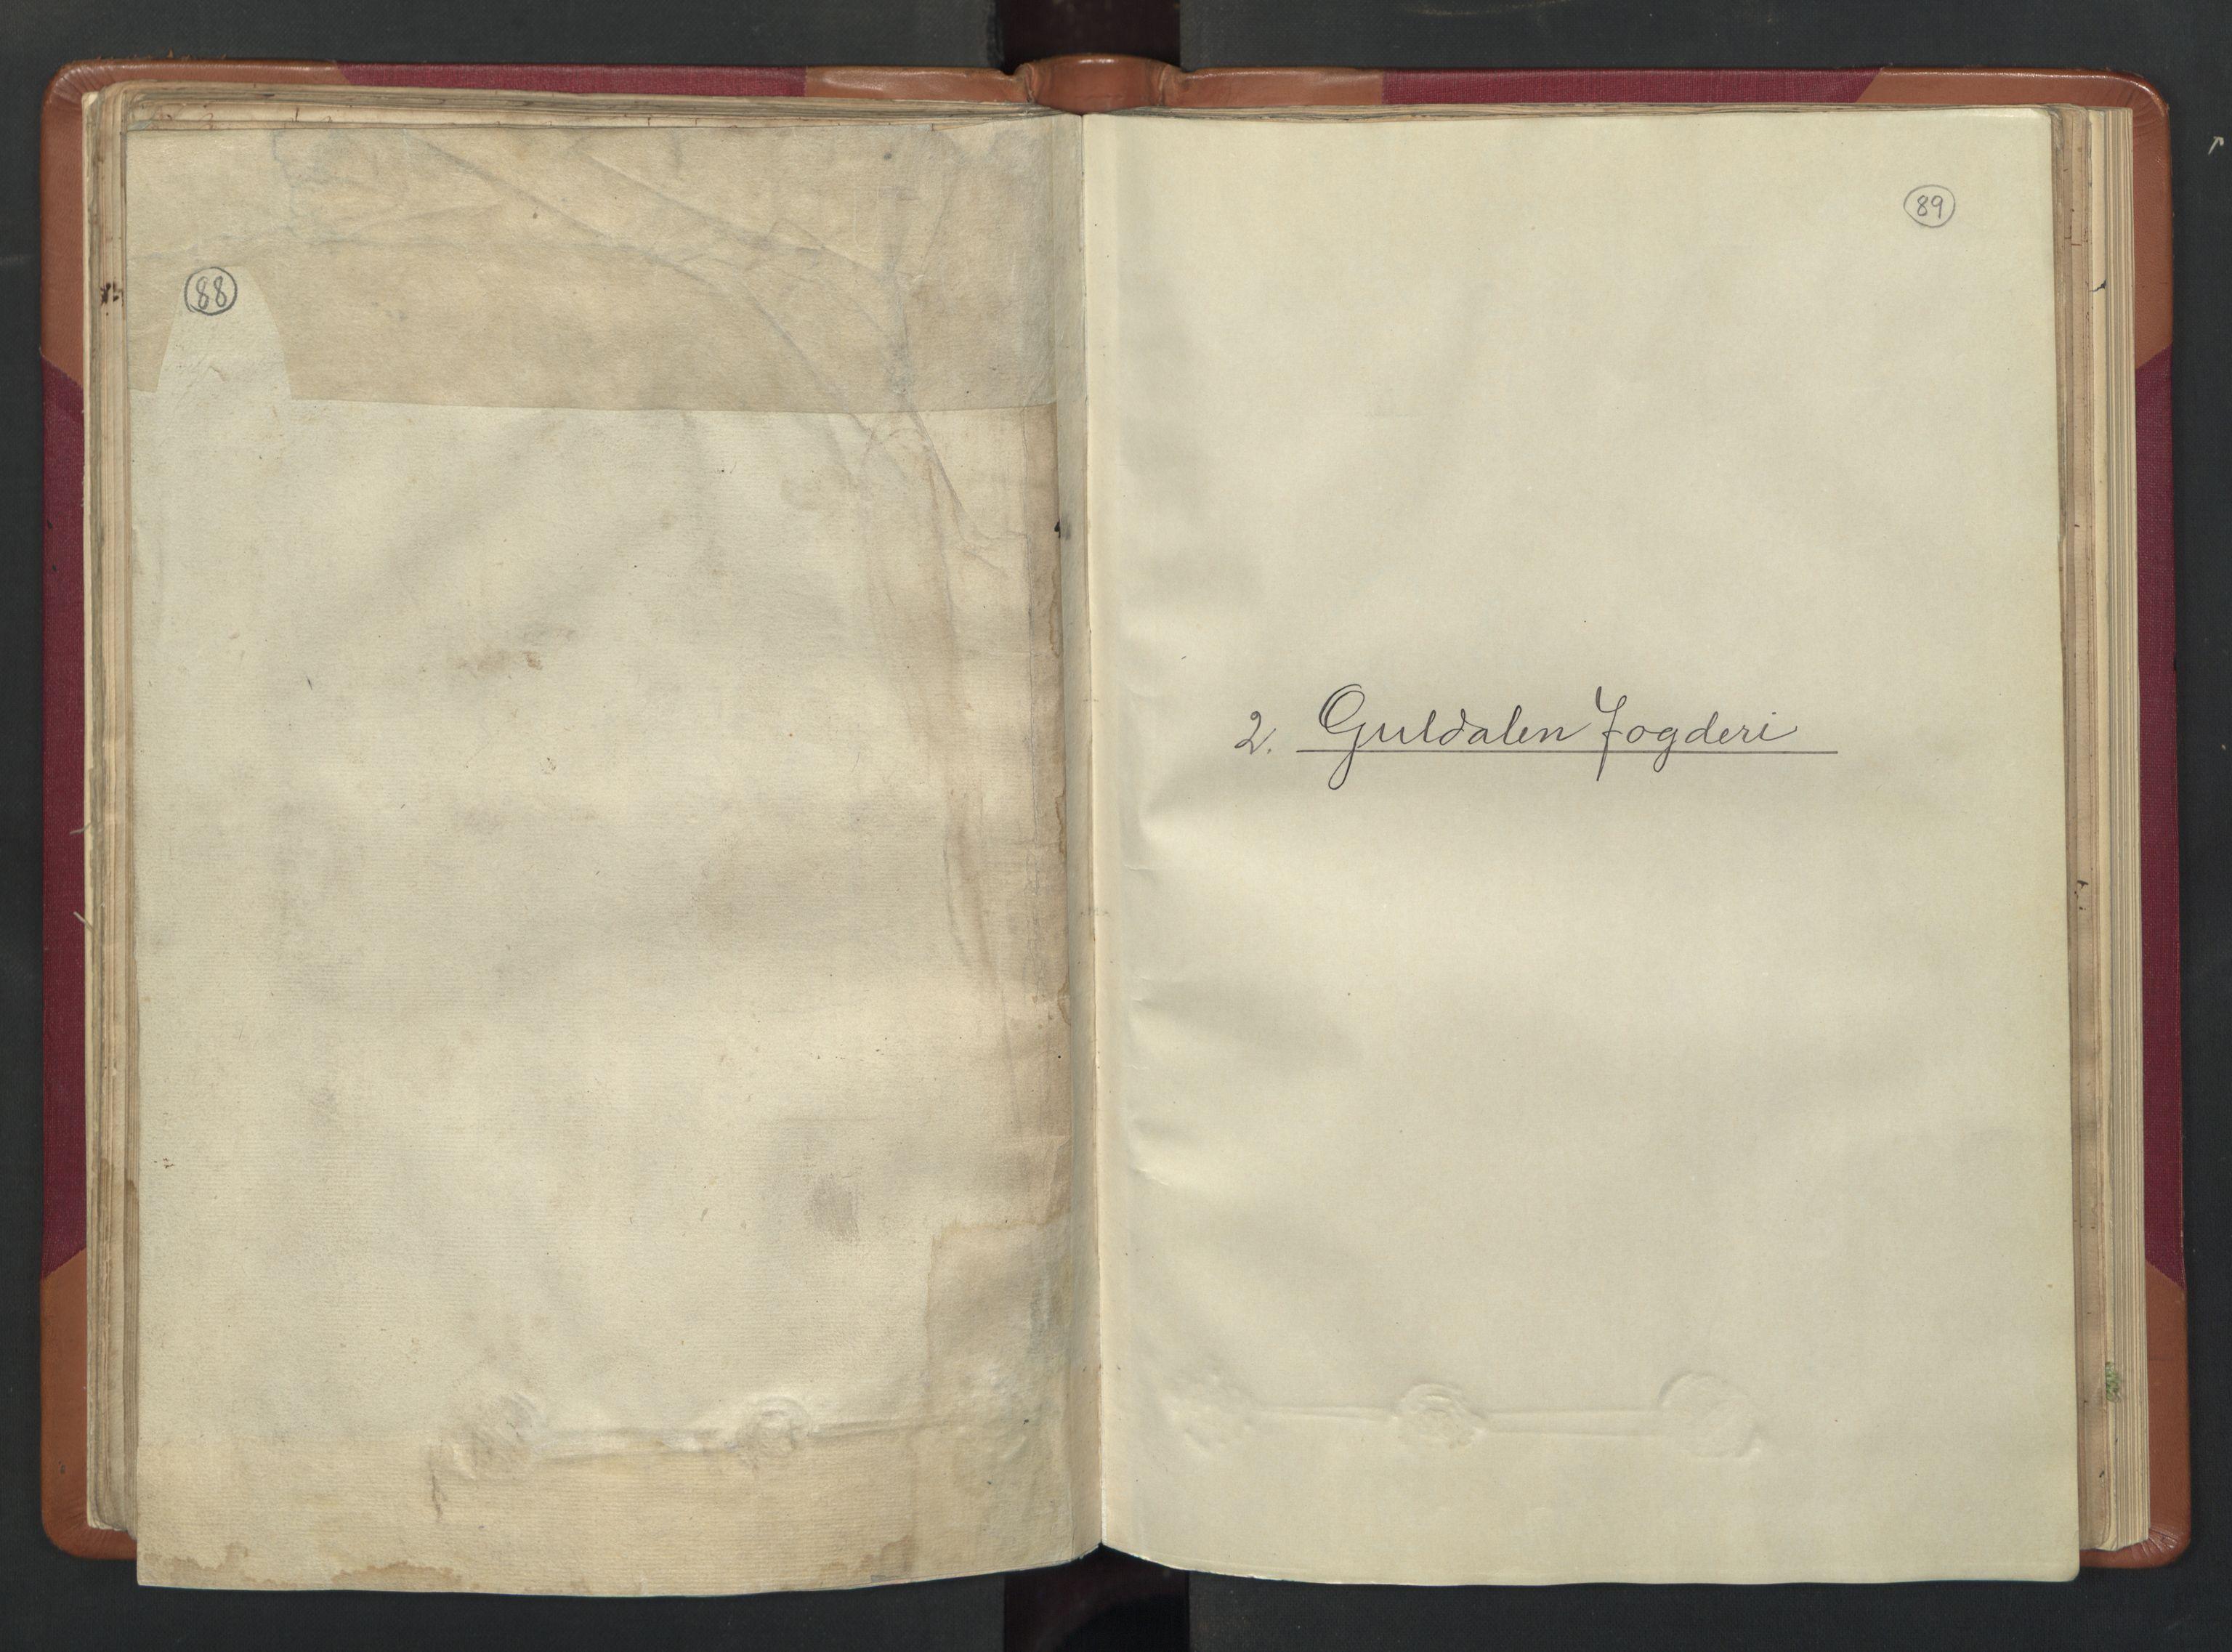 RA, Manntallet 1701, nr. 13: Orkdal fogderi og Gauldal fogderi med Røros kobberverk, 1701, s. 88-89